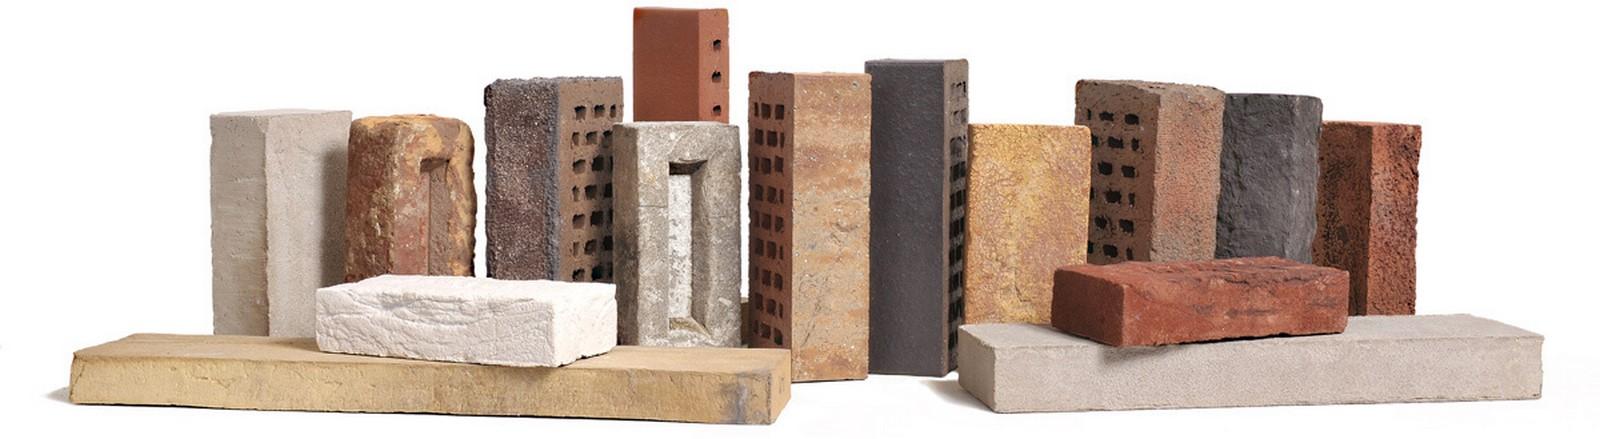 Myriad ways of using Brick in Modern Architecture - sheet2